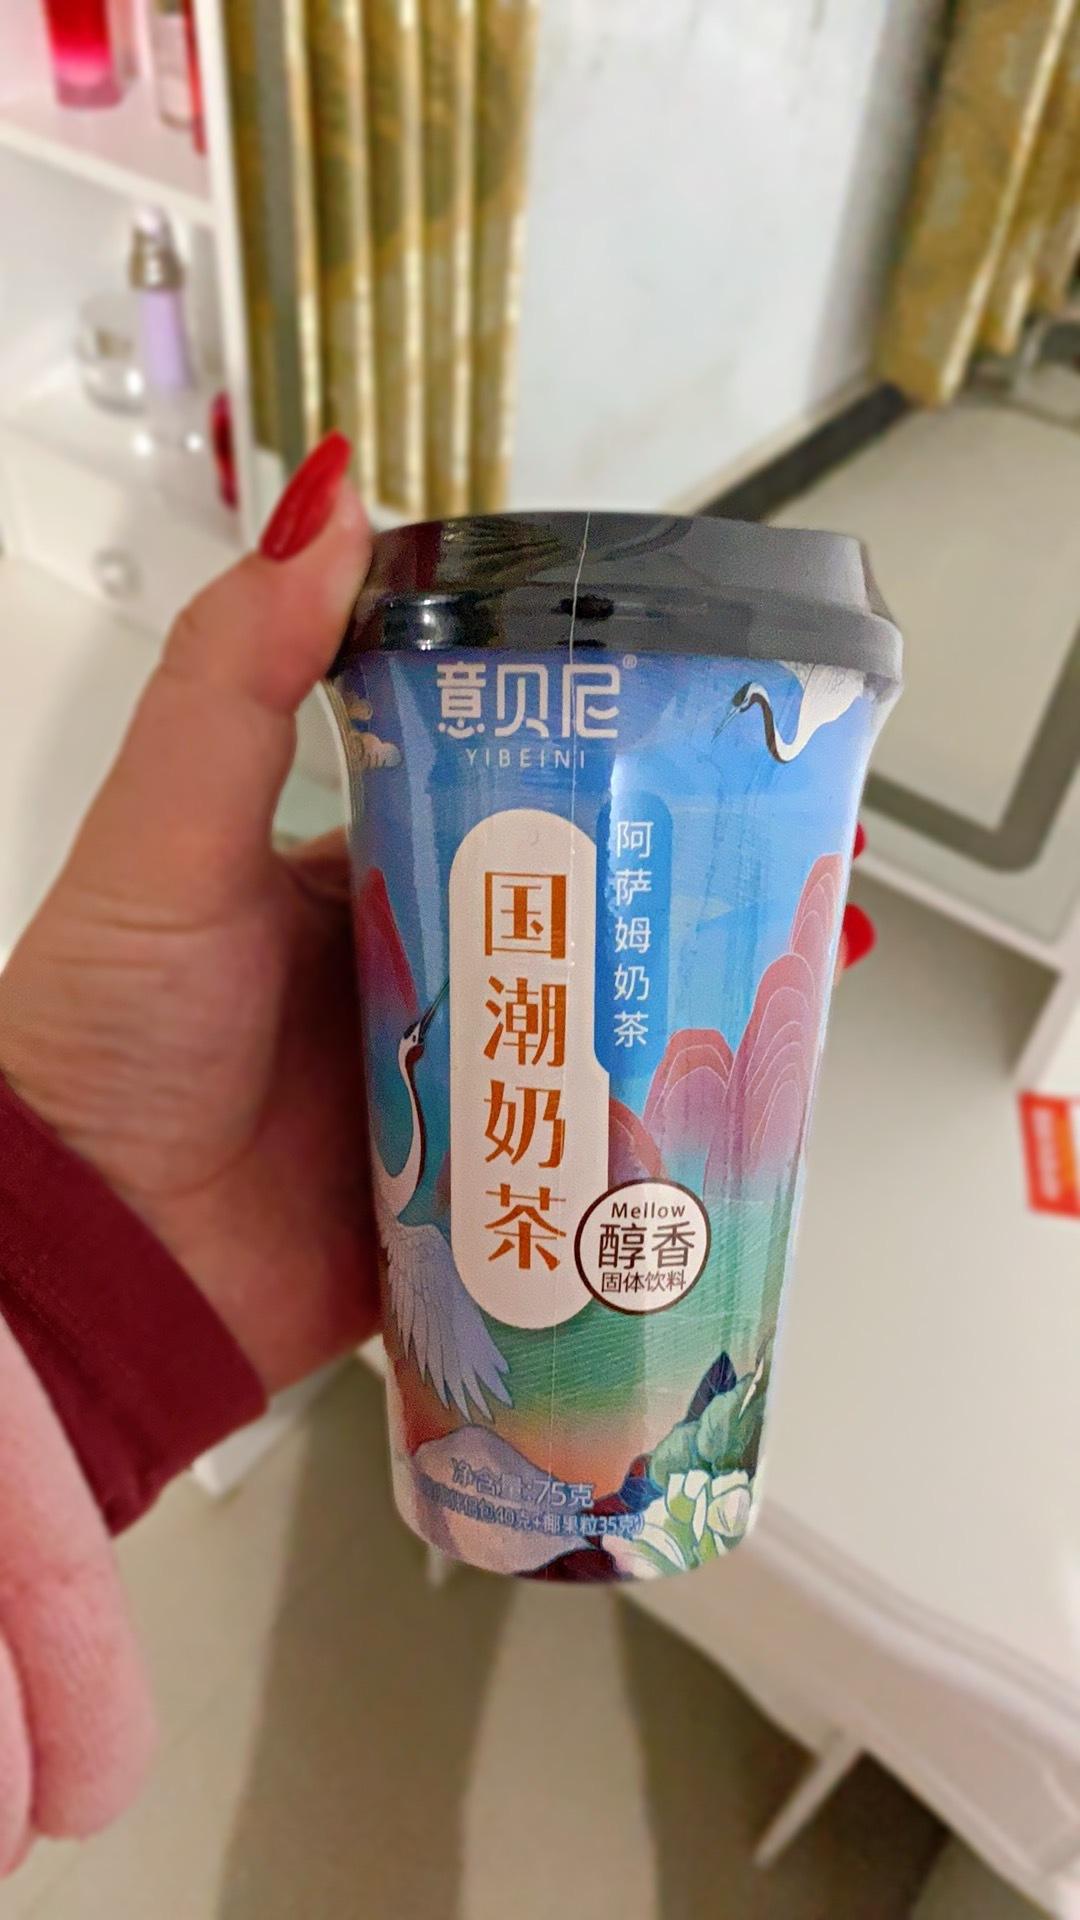 意贝尼奶茶杯装国潮奶茶75g*4杯